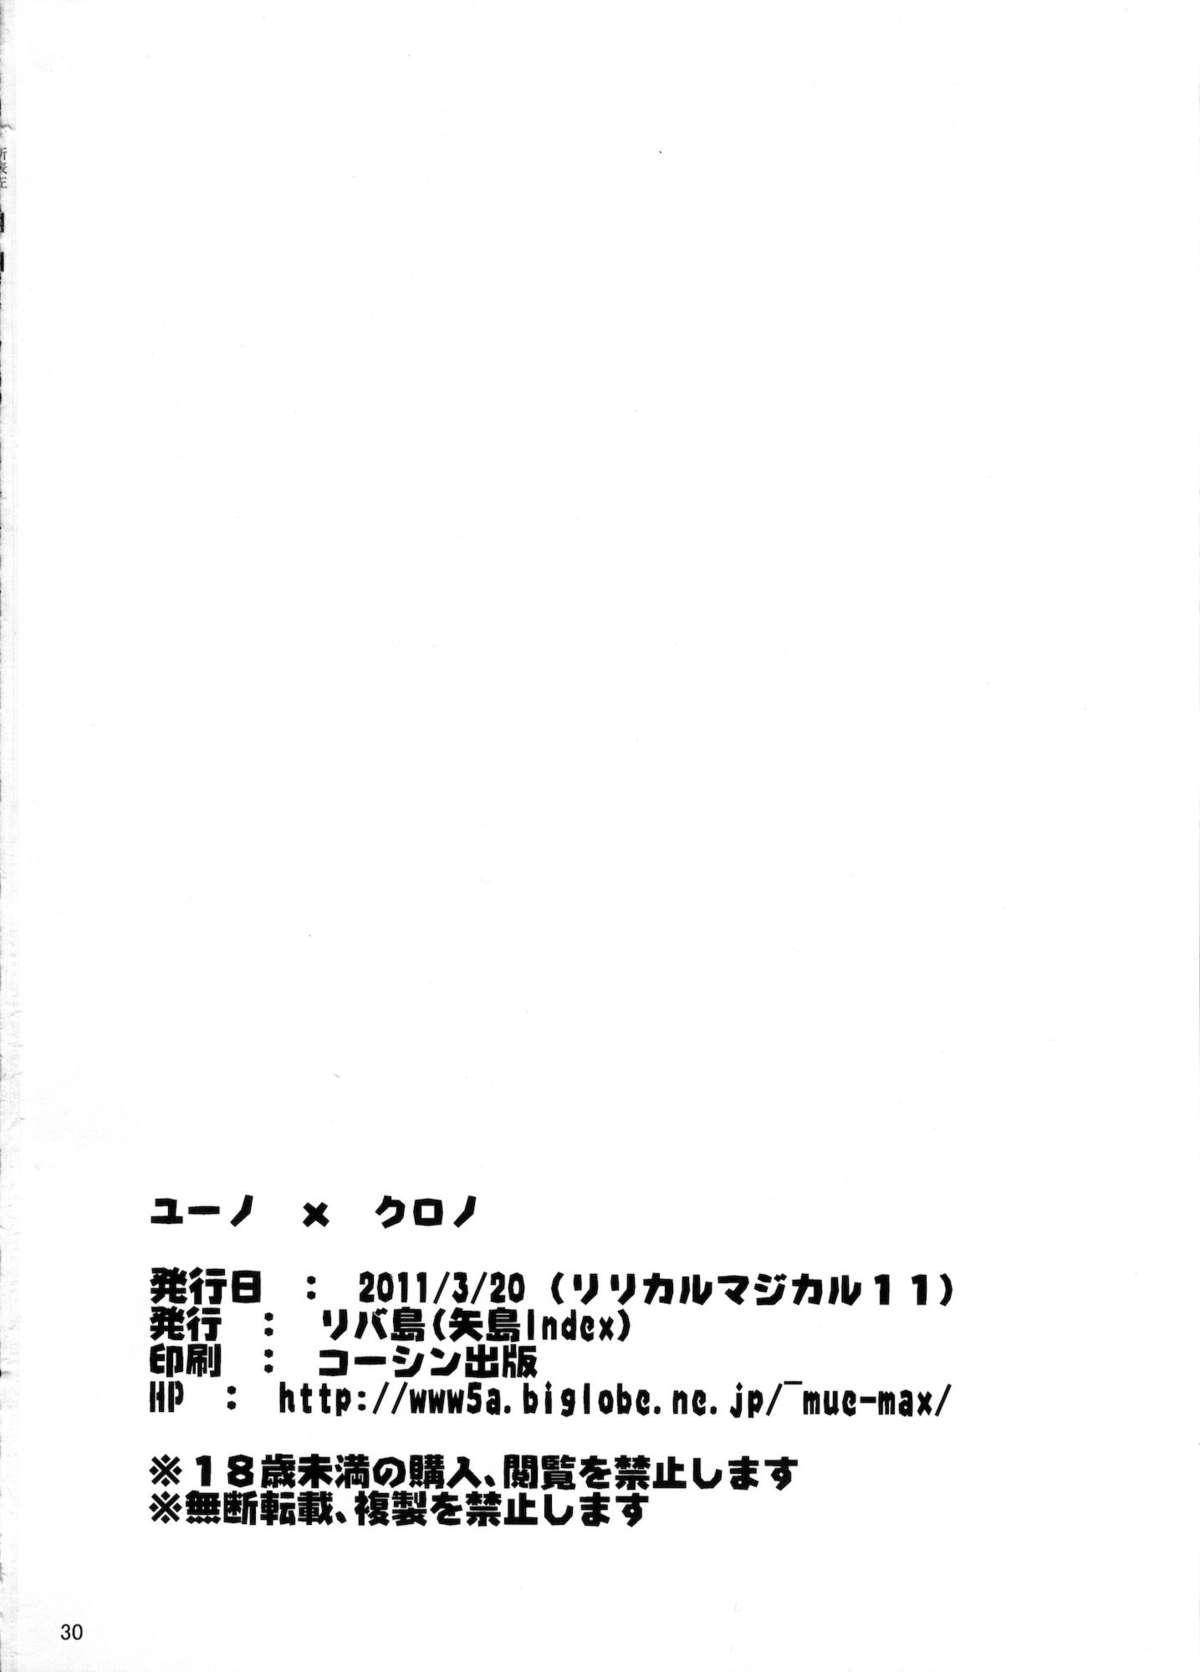 Yuno x Chrono 28